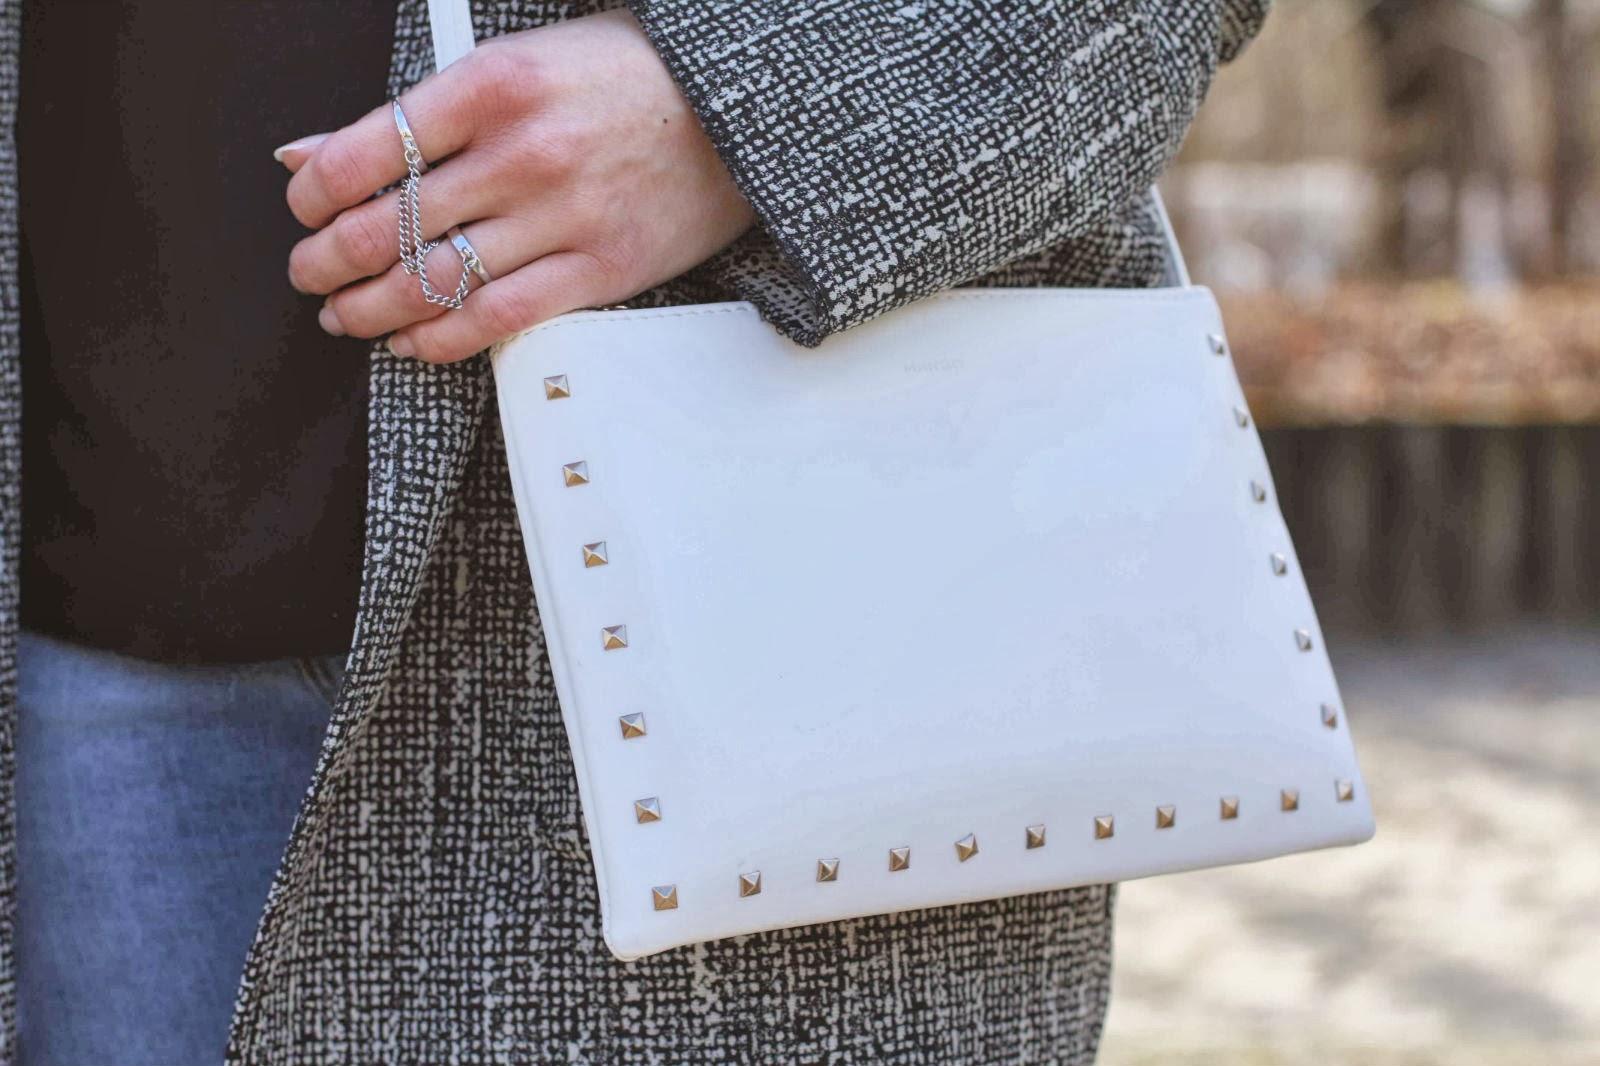 The Paste Blog, thepasteblog, Chanel Espadrilles, Espadrilles, Patrizia Paul, Patrizia Stefanie, Ronny Philp freundin, Modeblog, fashionblog, Mode Blog, Chanel